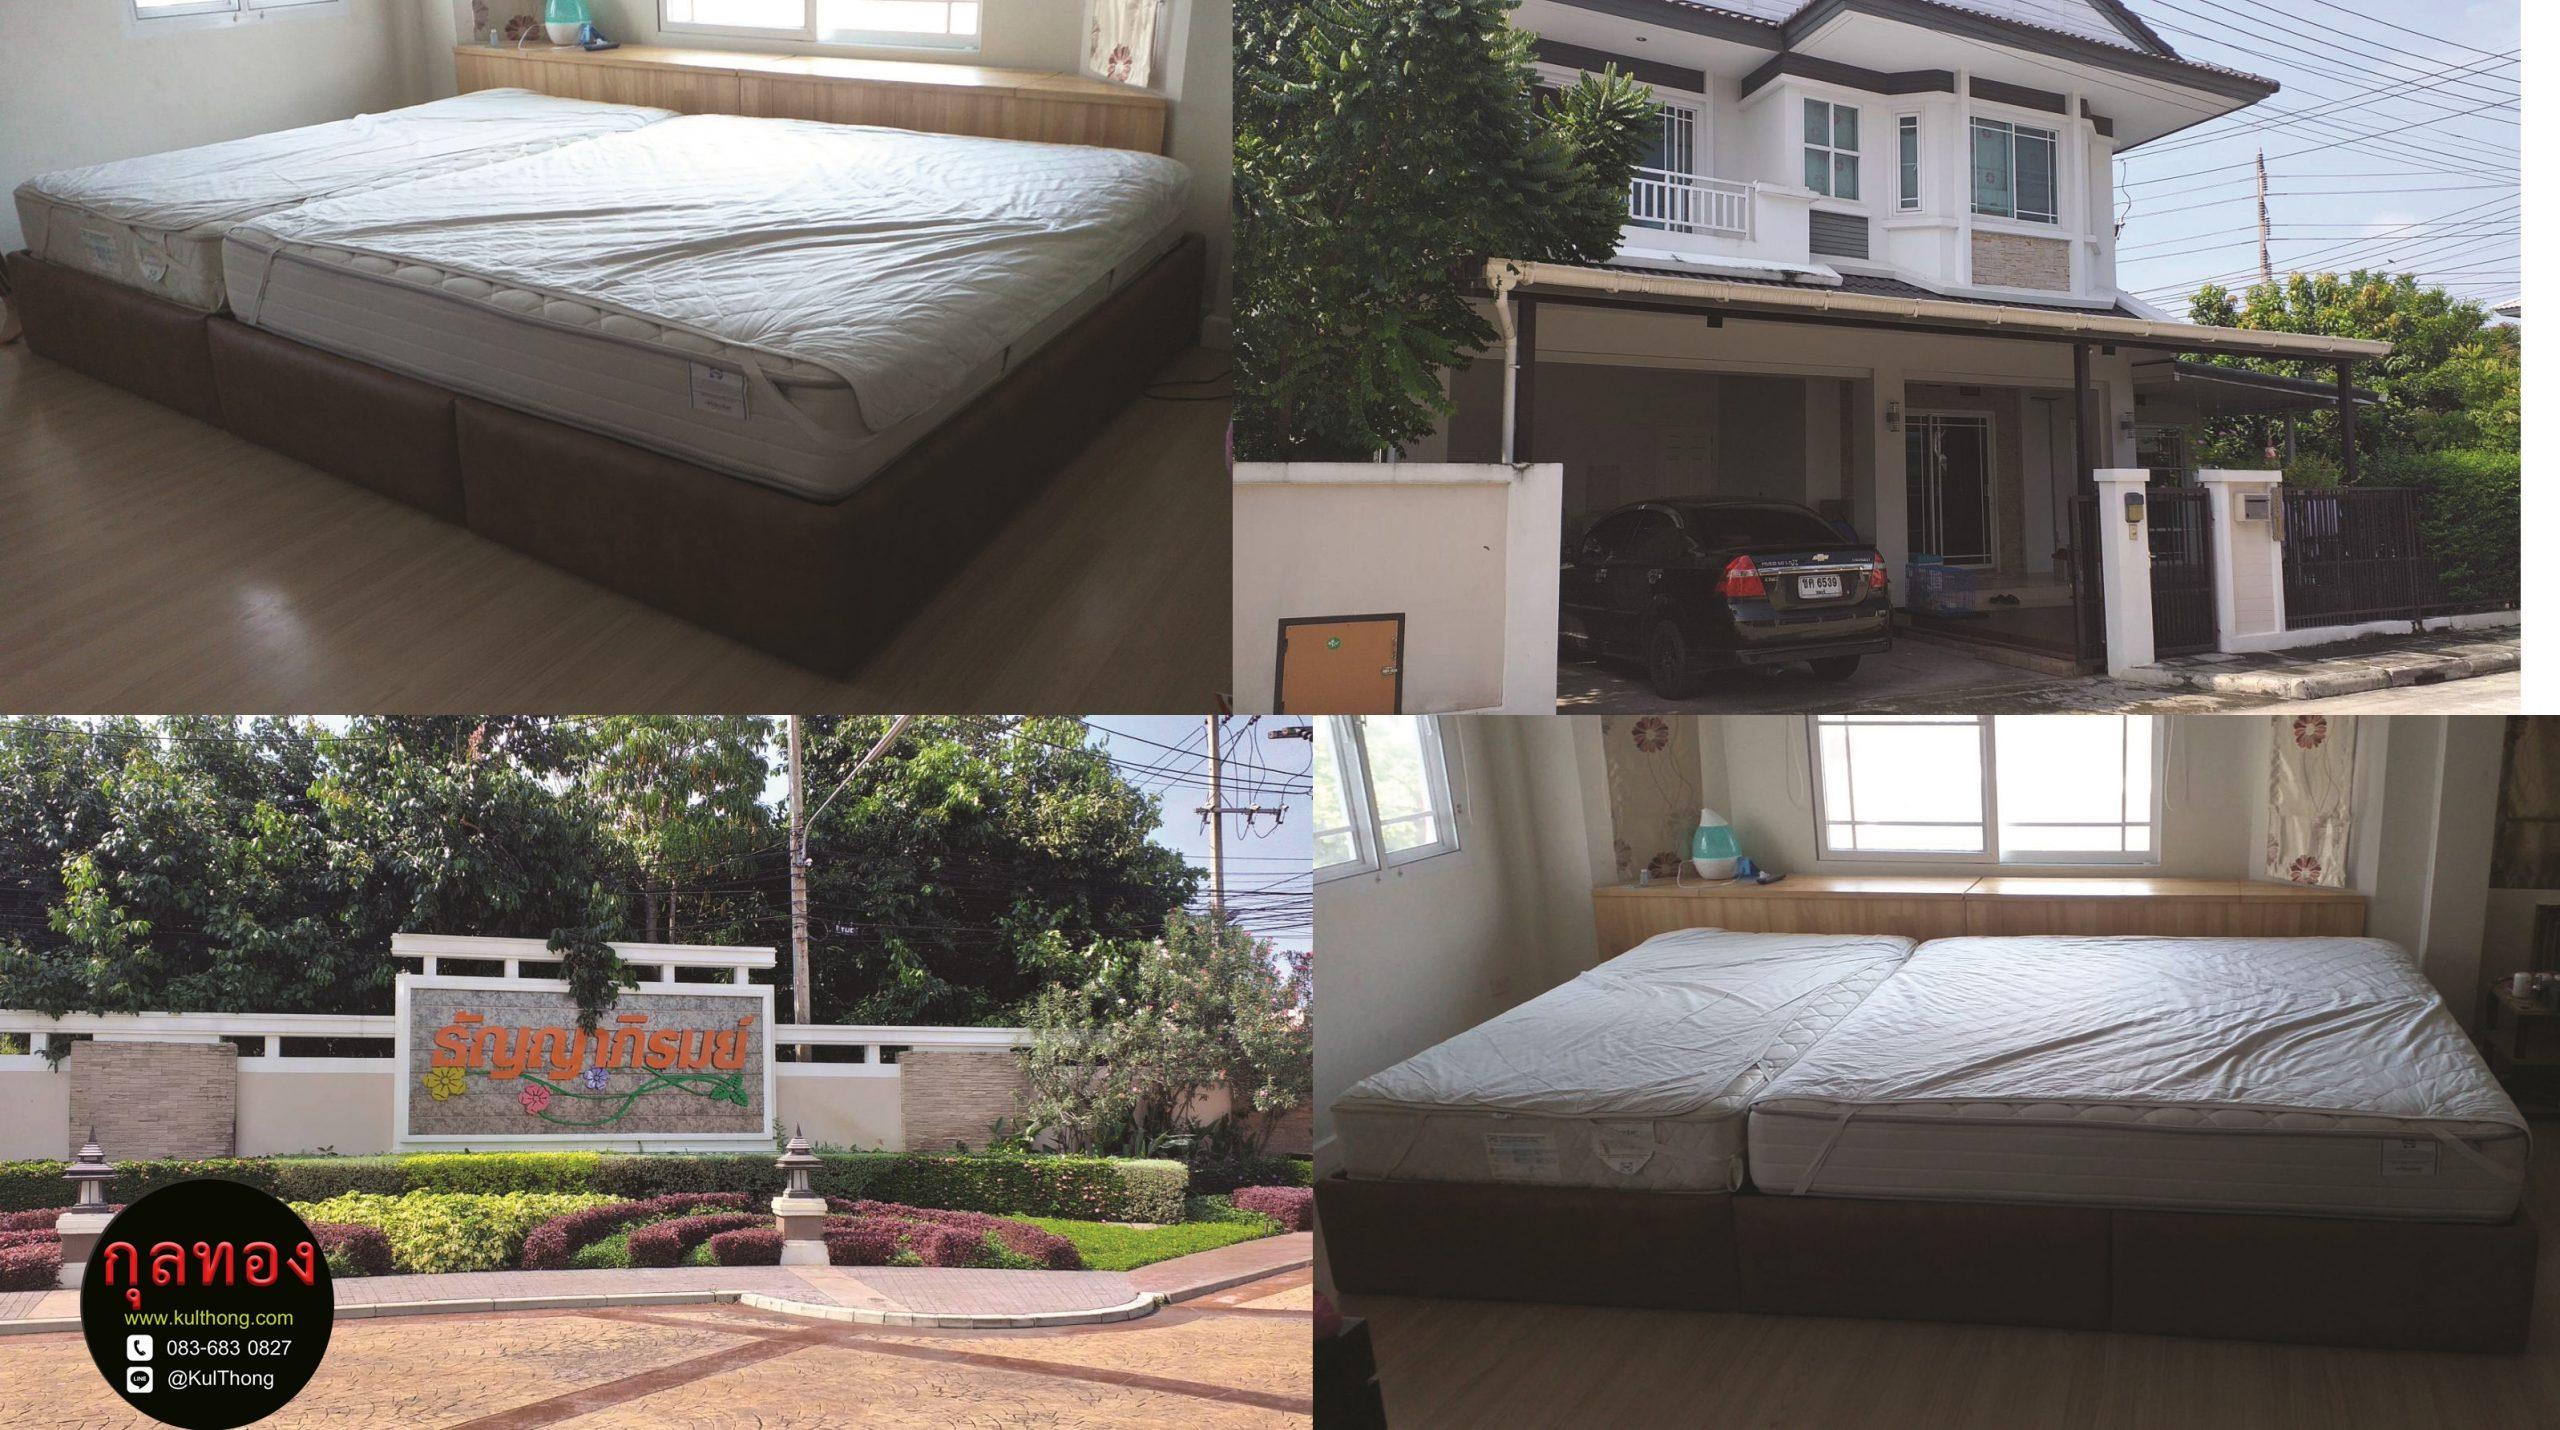 ฐานรองที่นอนธัญบุรี เตียงนอนปทุมธานี เตียงแฝด เตียงครอบครัว เตียงขนาดใหญ่